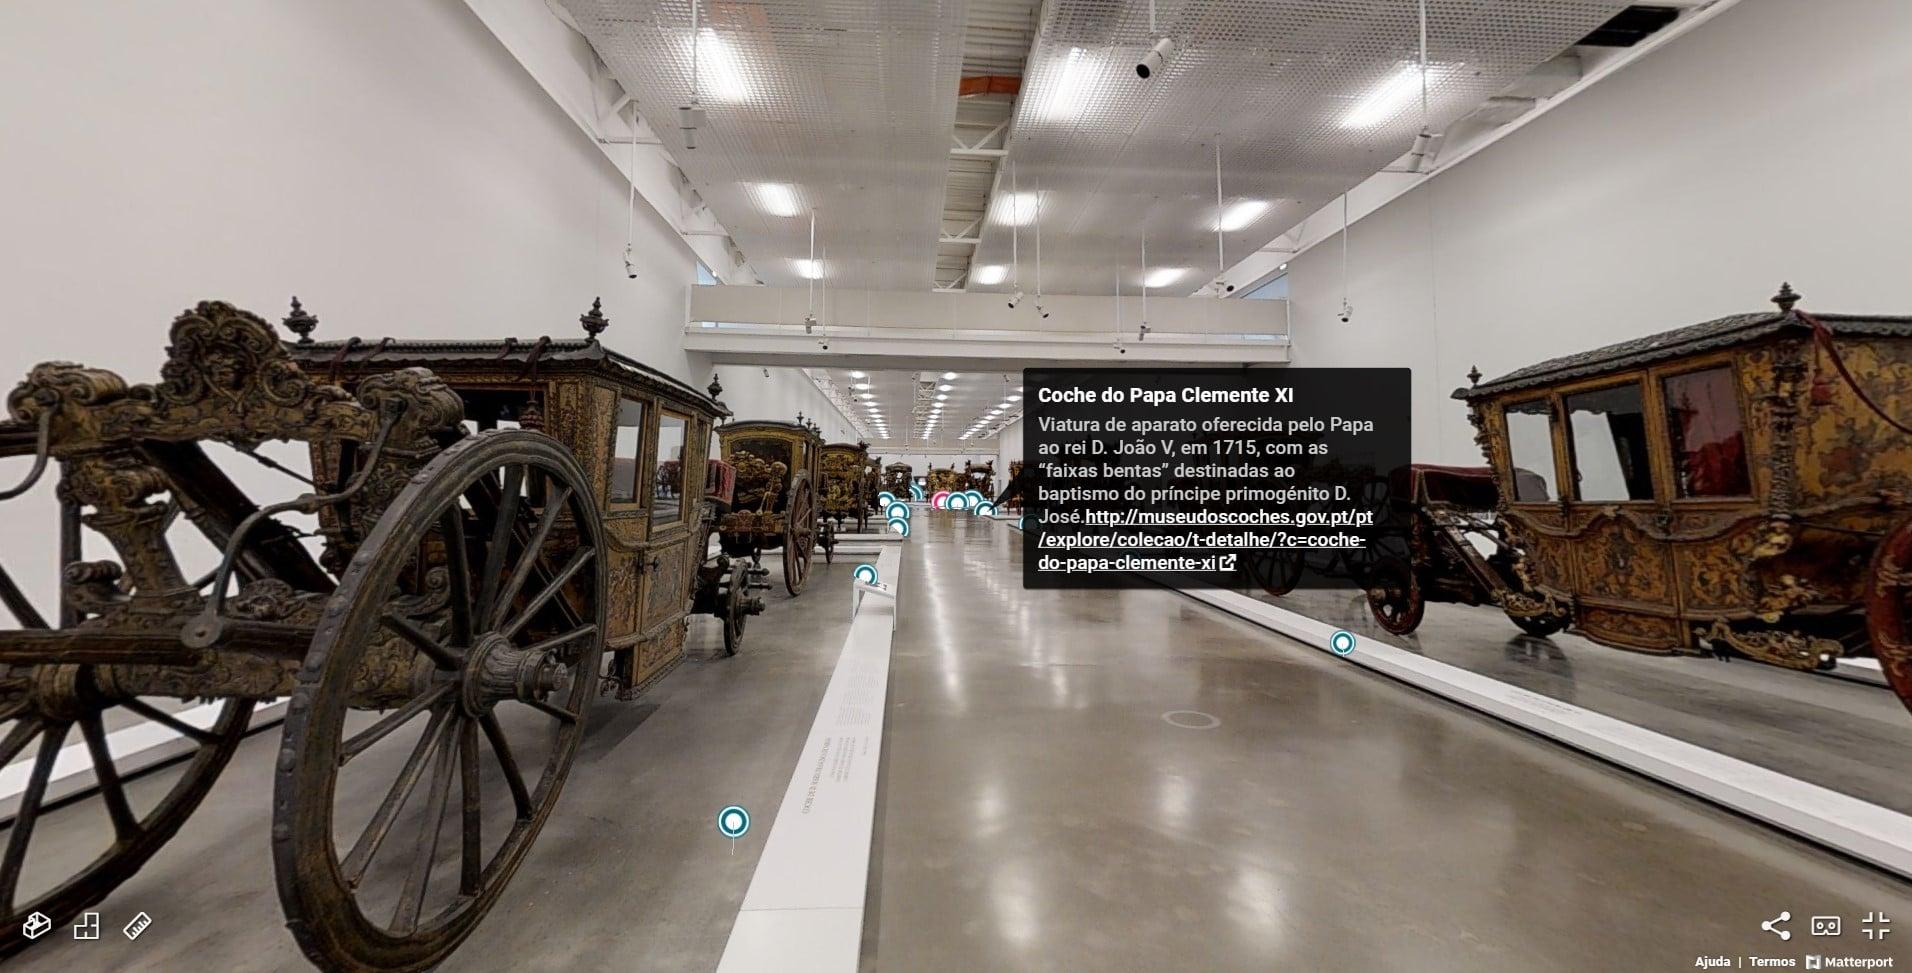 museus nacionais - visita virtual museu dos coches